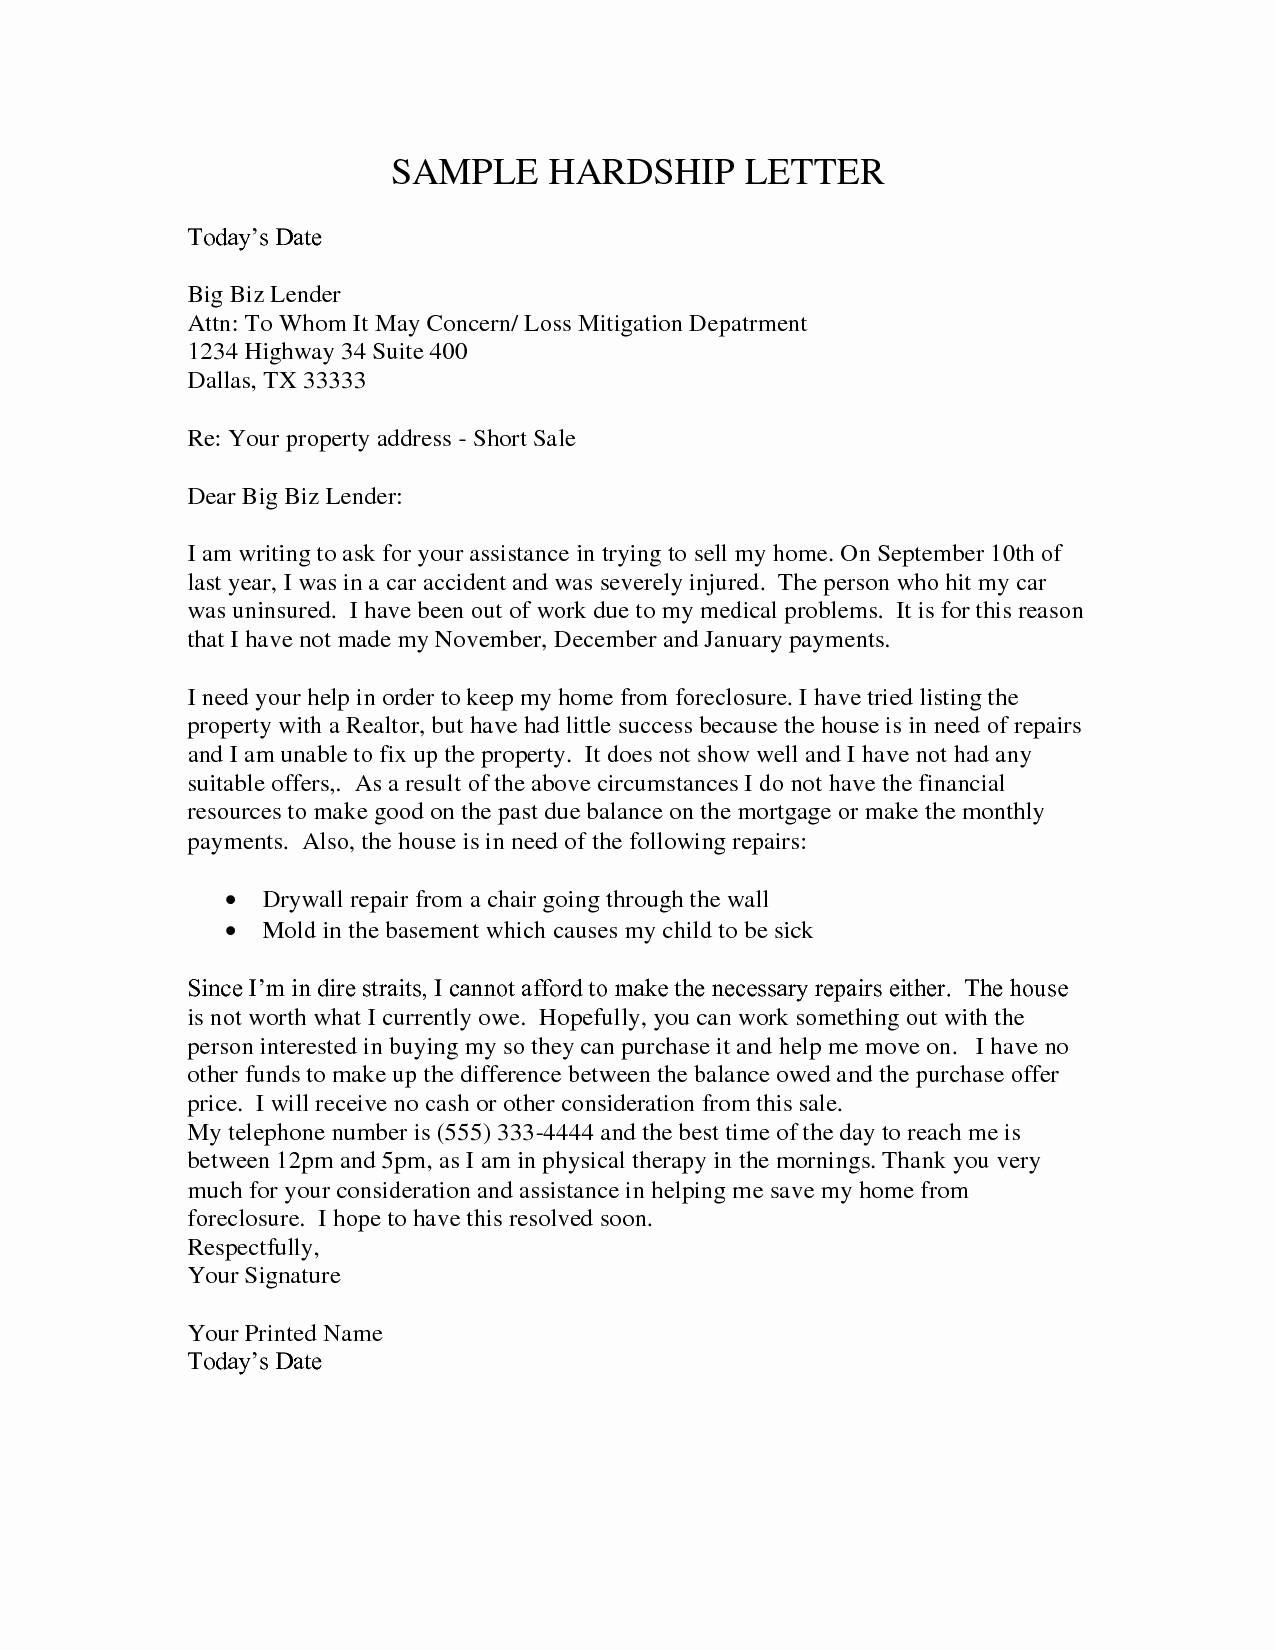 Short Sale Hardship Letter Template - 12 Unique Financial Hardship Letter Template Resume Templates